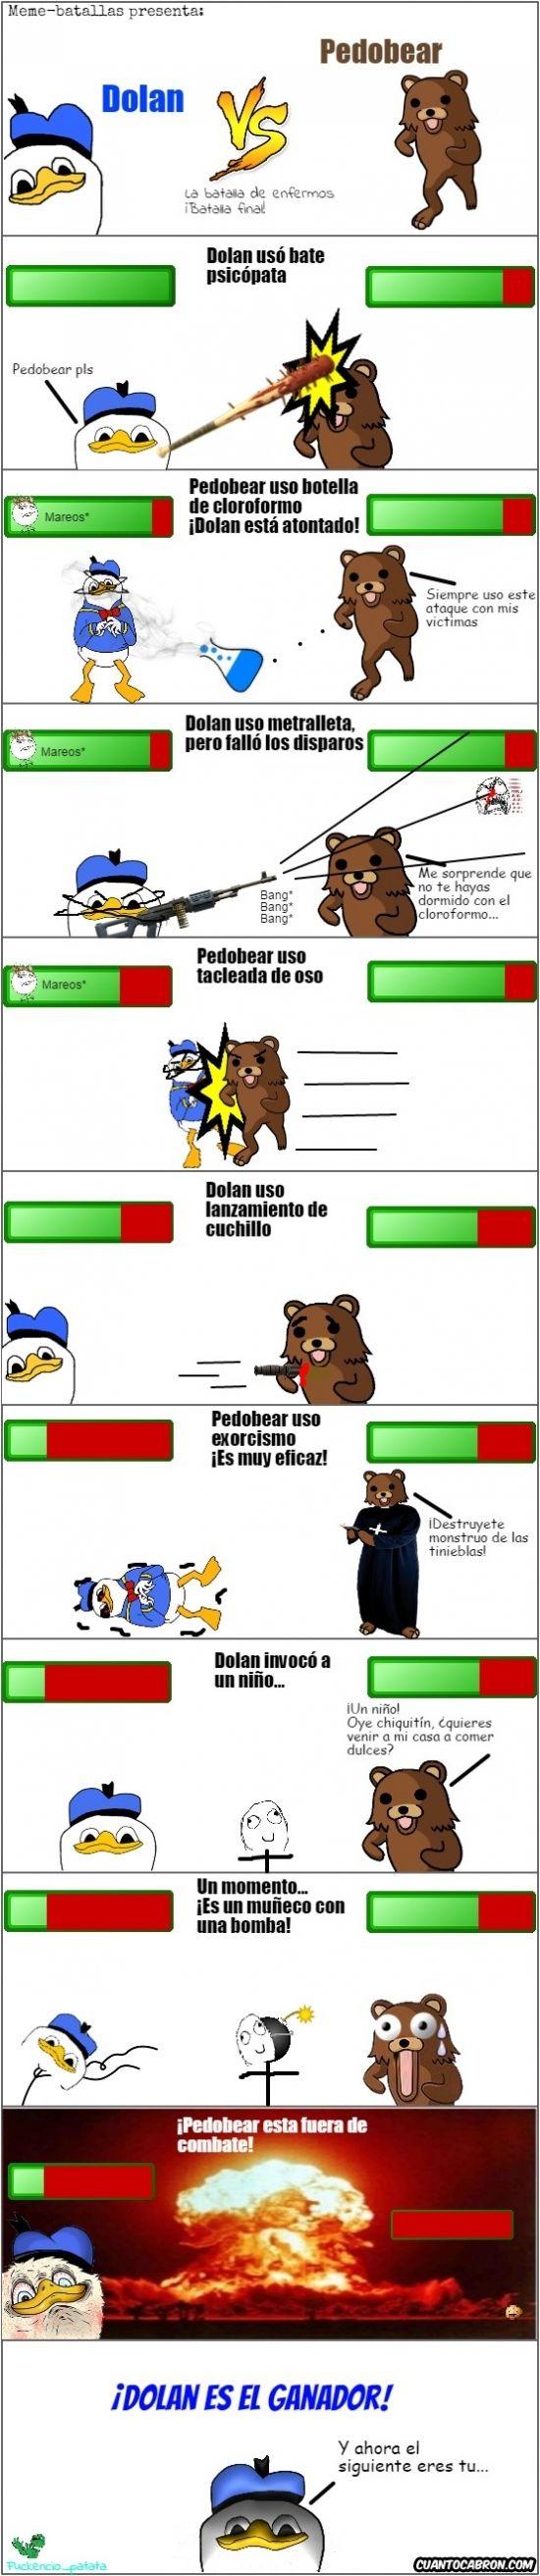 Pedobear vs Dolan: el enfrentamiento final        Gracias a http://www.cuantocabron.com/   Si quieres leer la noticia completa visita: http://www.estoy-aburrido.com/pedobear-vs-dolan-el-enfrentamiento-final/